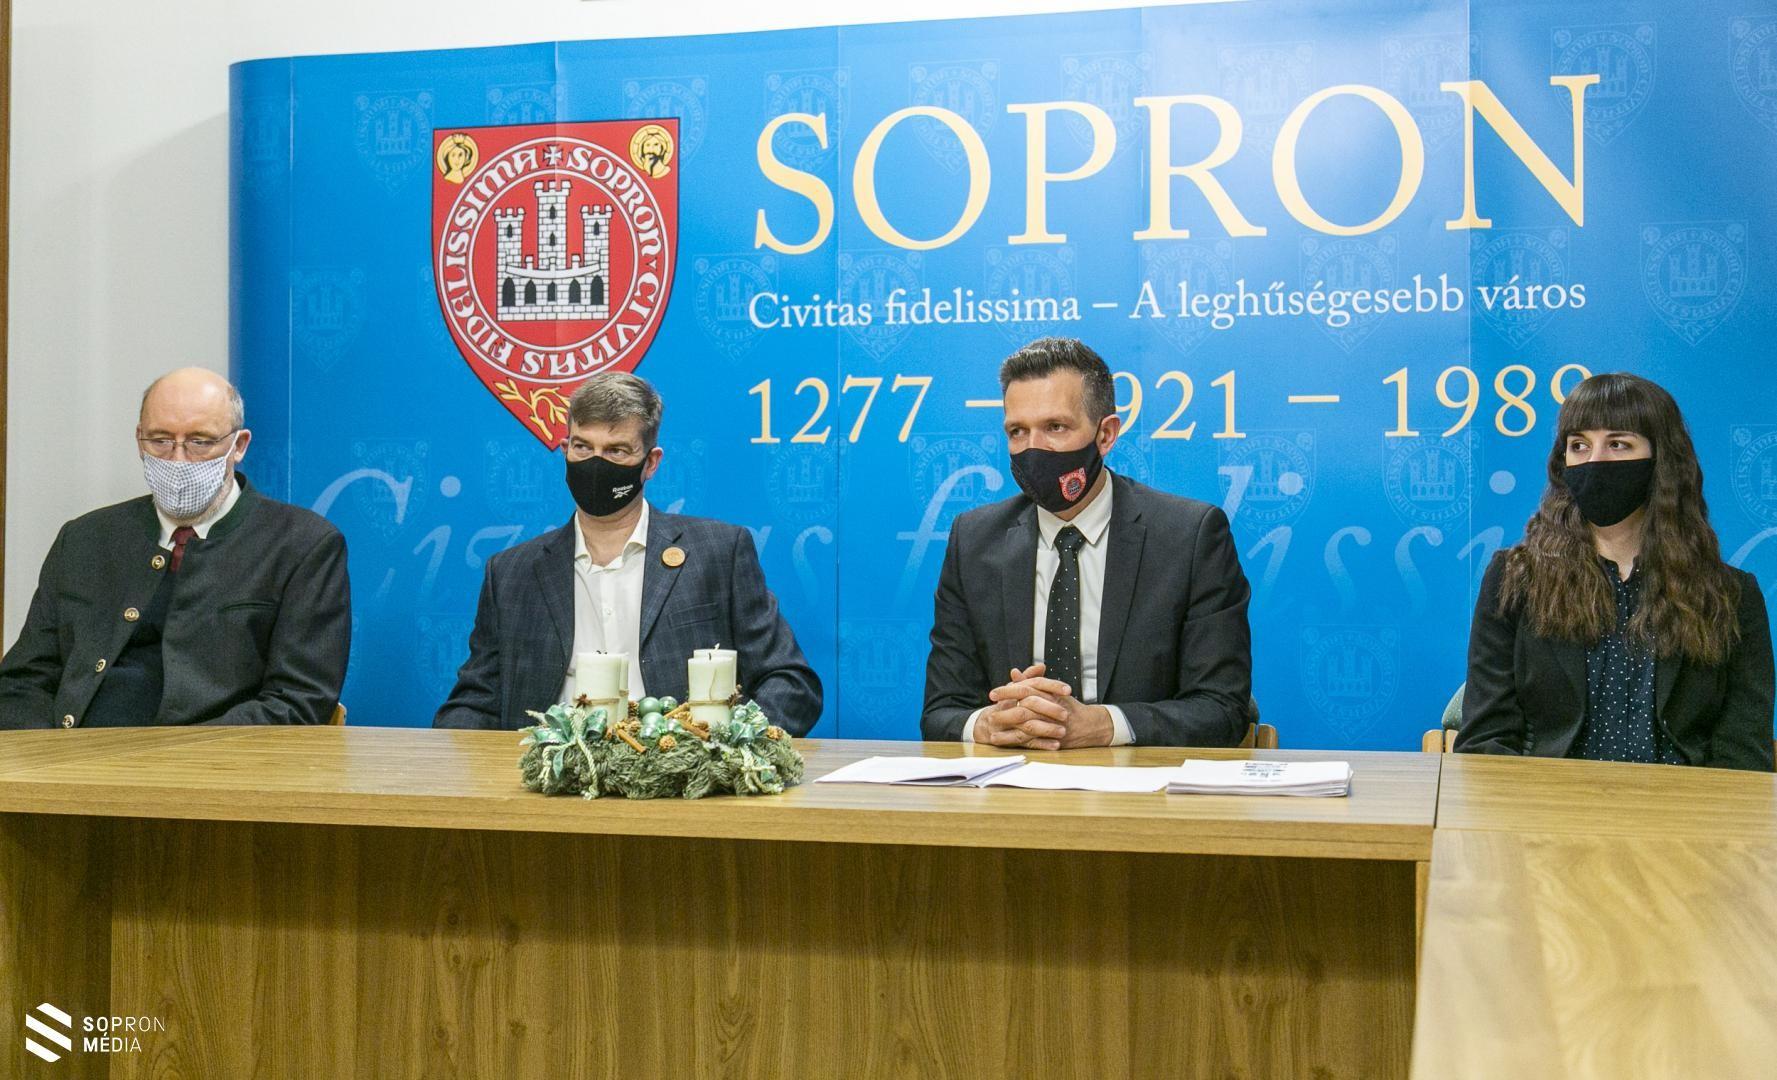 Sopron100 sajtótájékoztató (Forrás: sopronmedia.hu, Fotó: Griechisch Tamás)